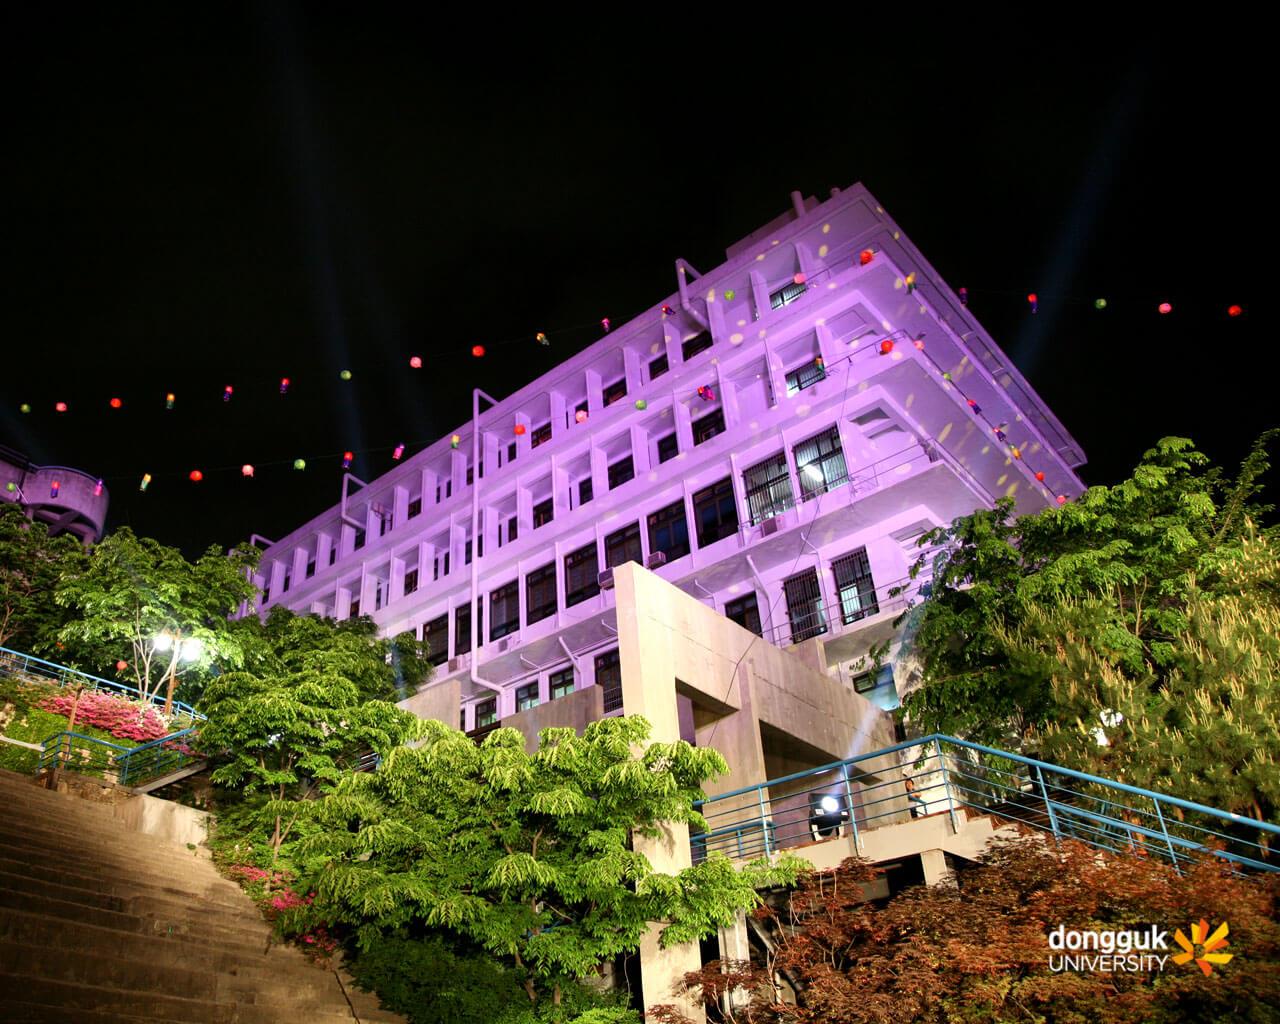 Giới thiệu khóa học ngôn ngữ trường đại học Dongguk